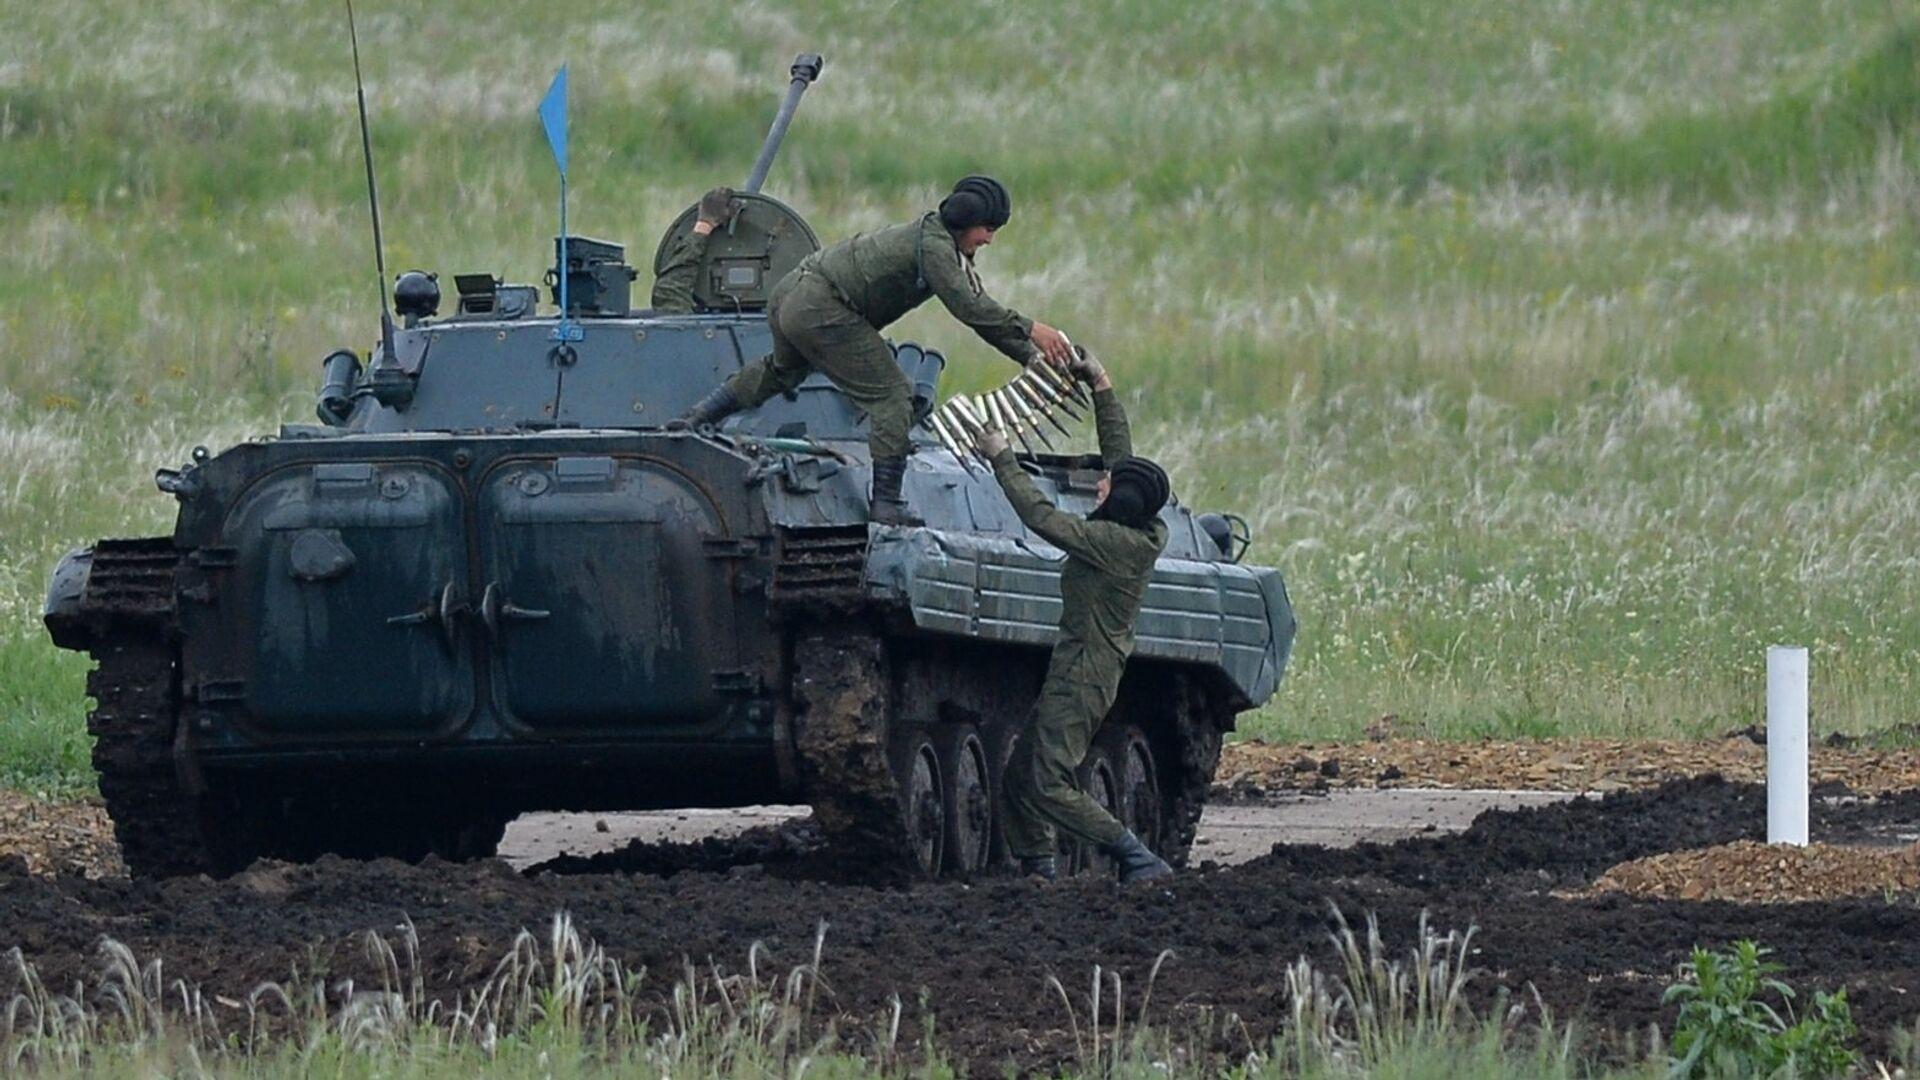 W tym roku w biathlonie czołgów brała udział rekordowa liczba załóg. One reprezentują wszystkie cztery okręgi wojskowe Rosyjskich Sił Zbrojnych, a także Wojska Powietrzno-Desantowe, Flotę Pacyficzną i Moskiewski Ogólnowojskowy Instytut Wojskowy. - Sputnik Polska, 1920, 26.07.2021